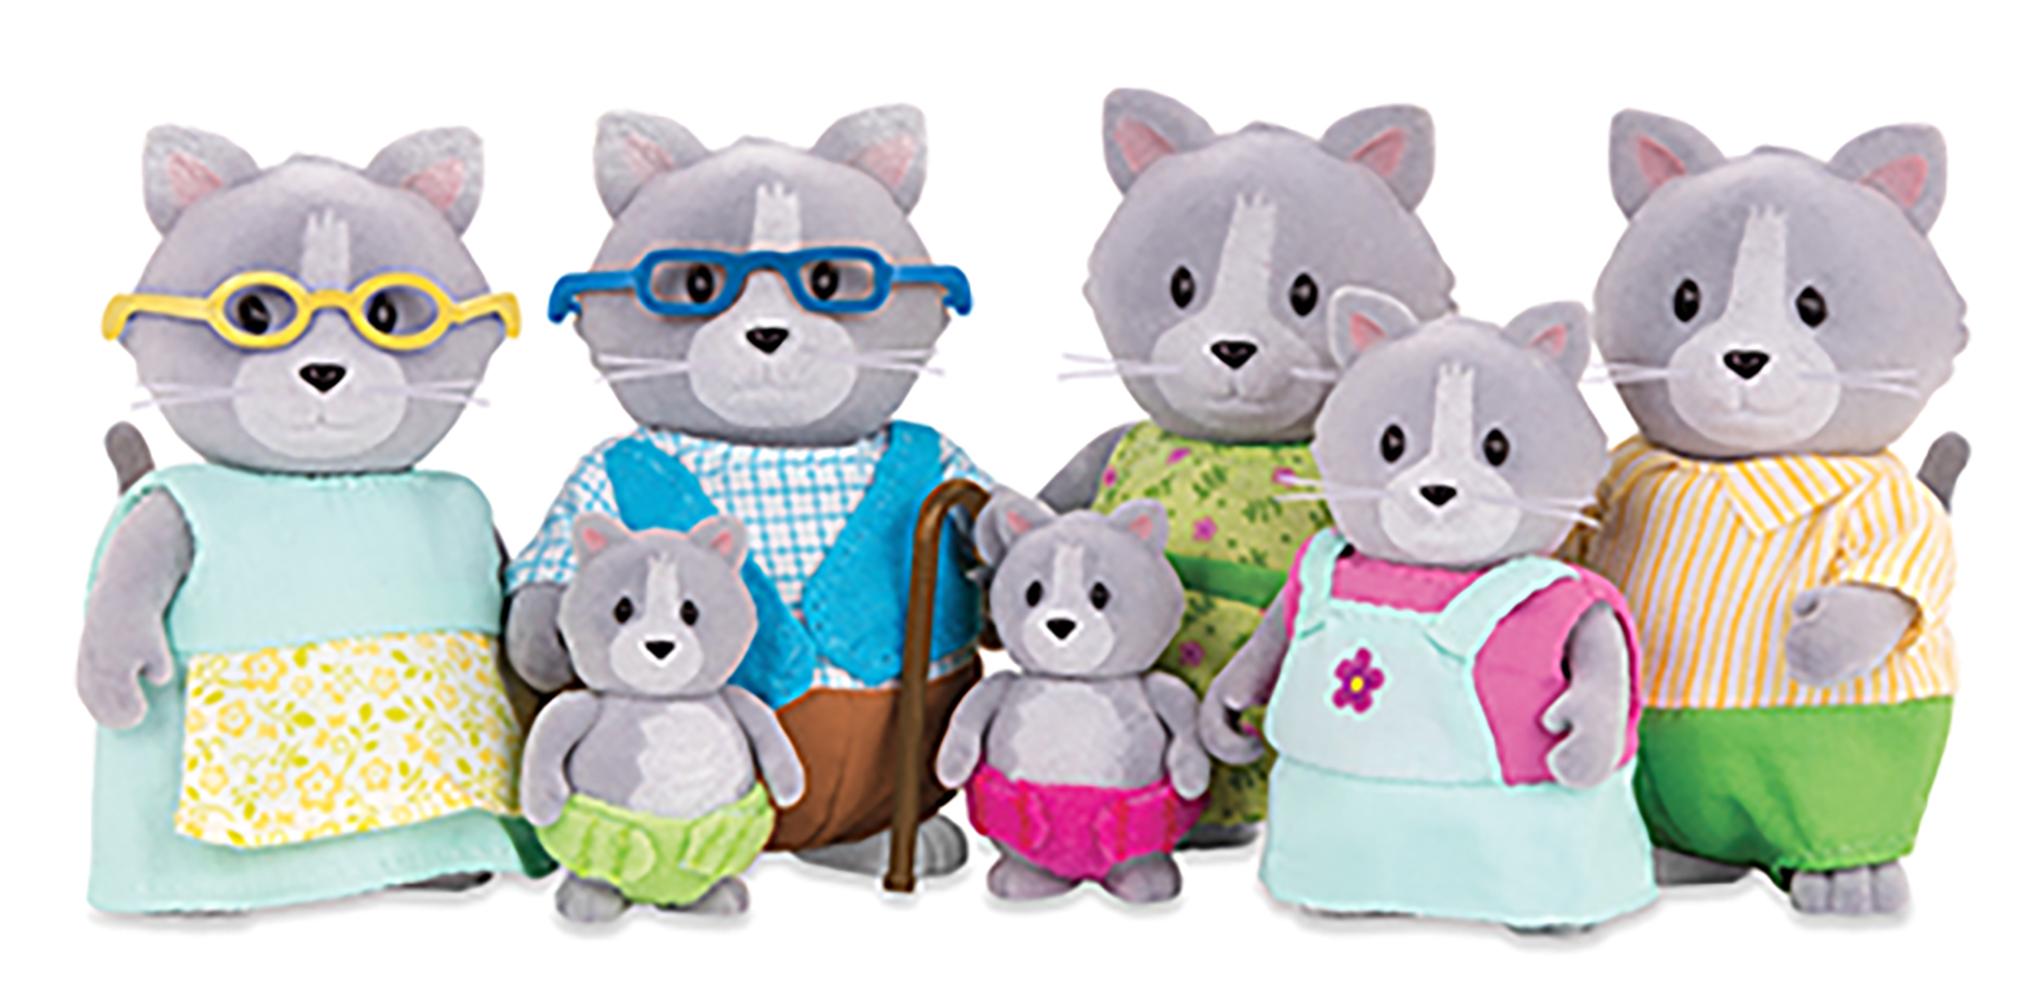 Li'l Woodzeez Cat Big family